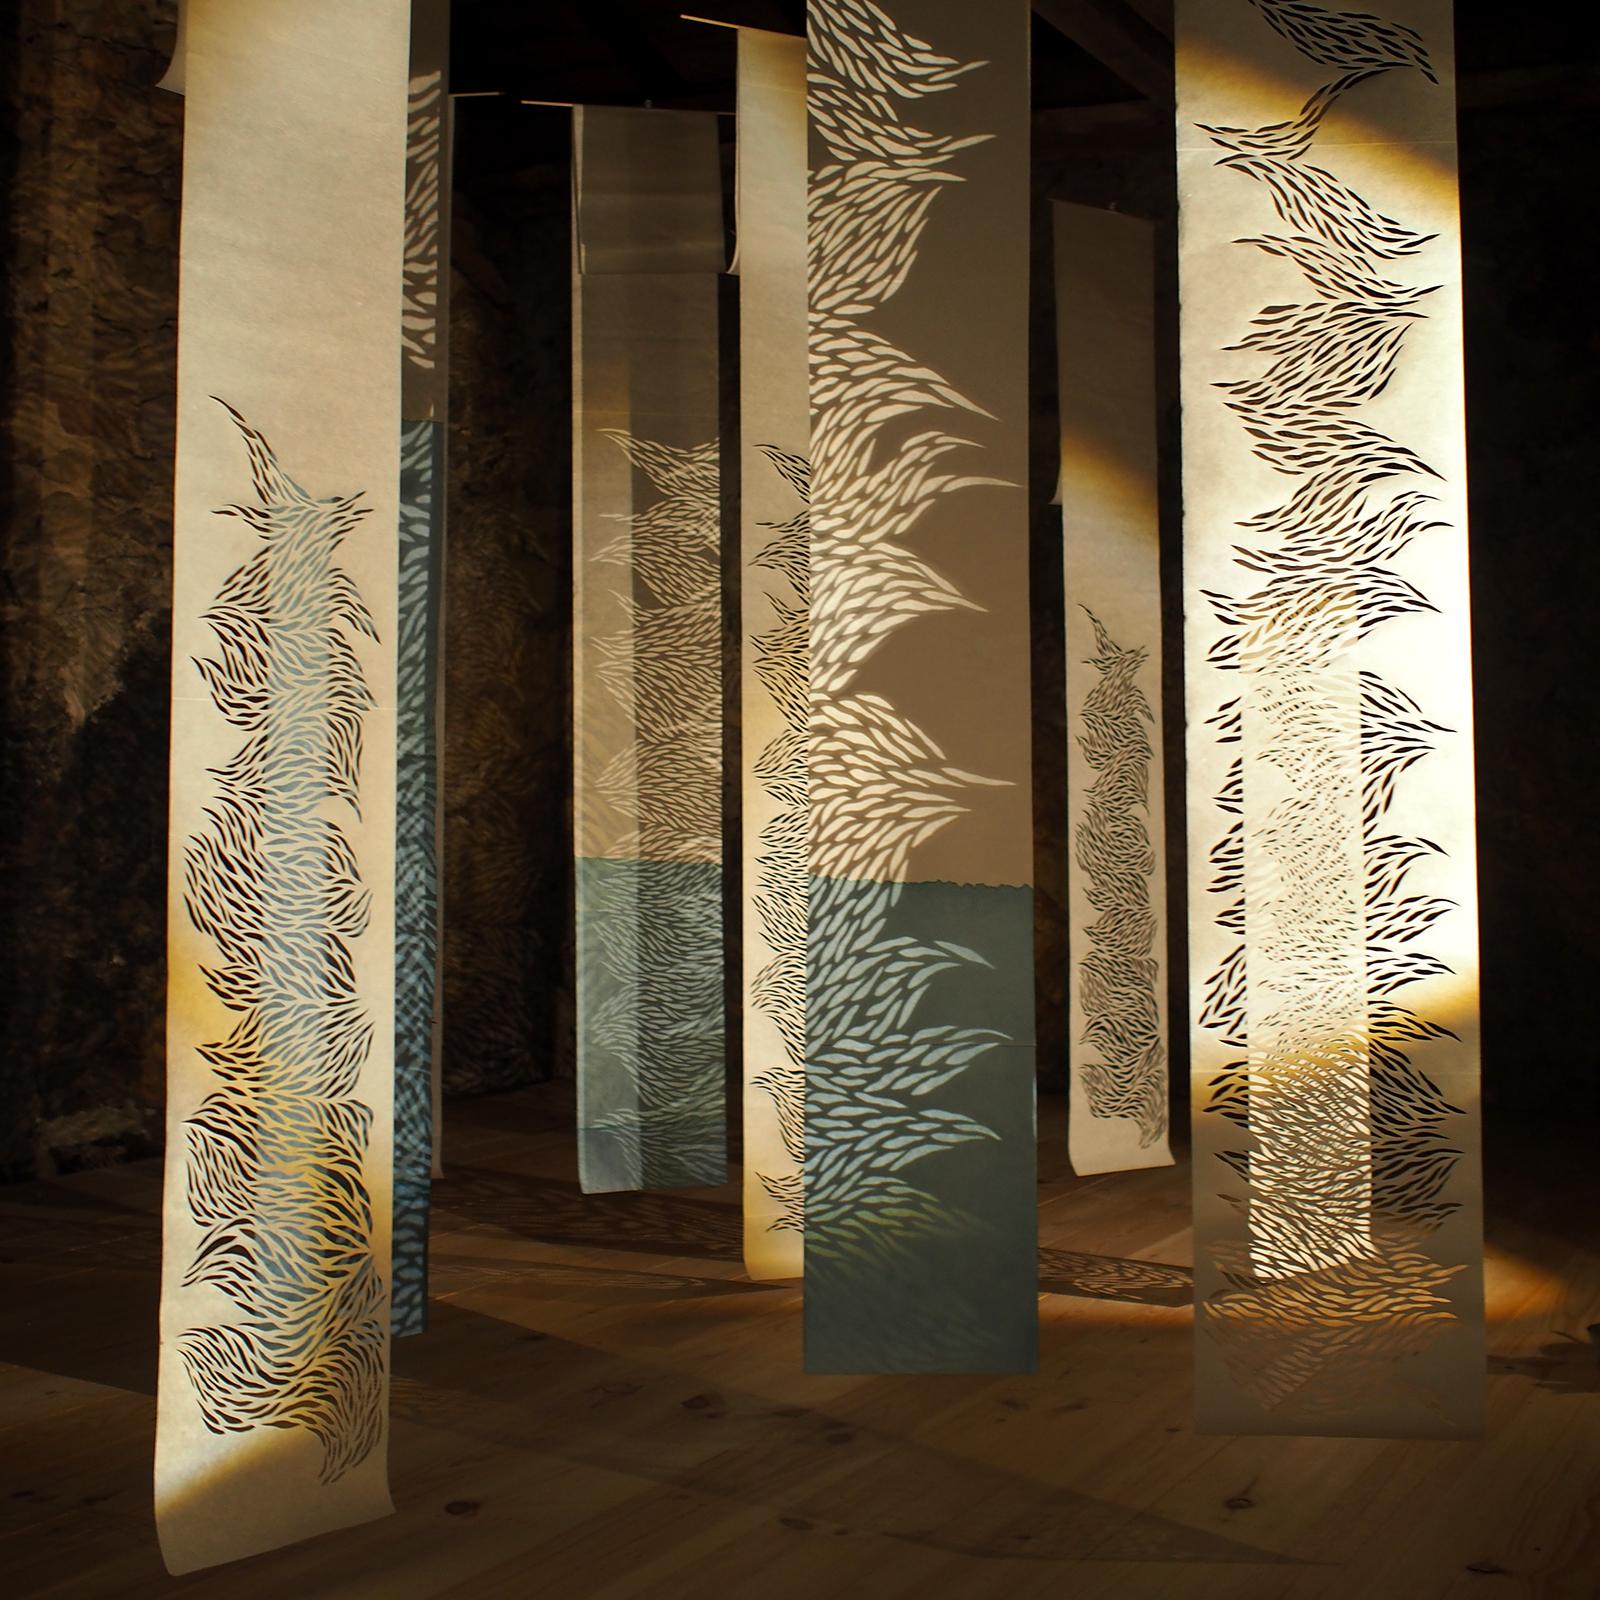 installation théâtre d'ombre faite de kakémonos de papier washi blanc teints en bleus ou incisés suspendus